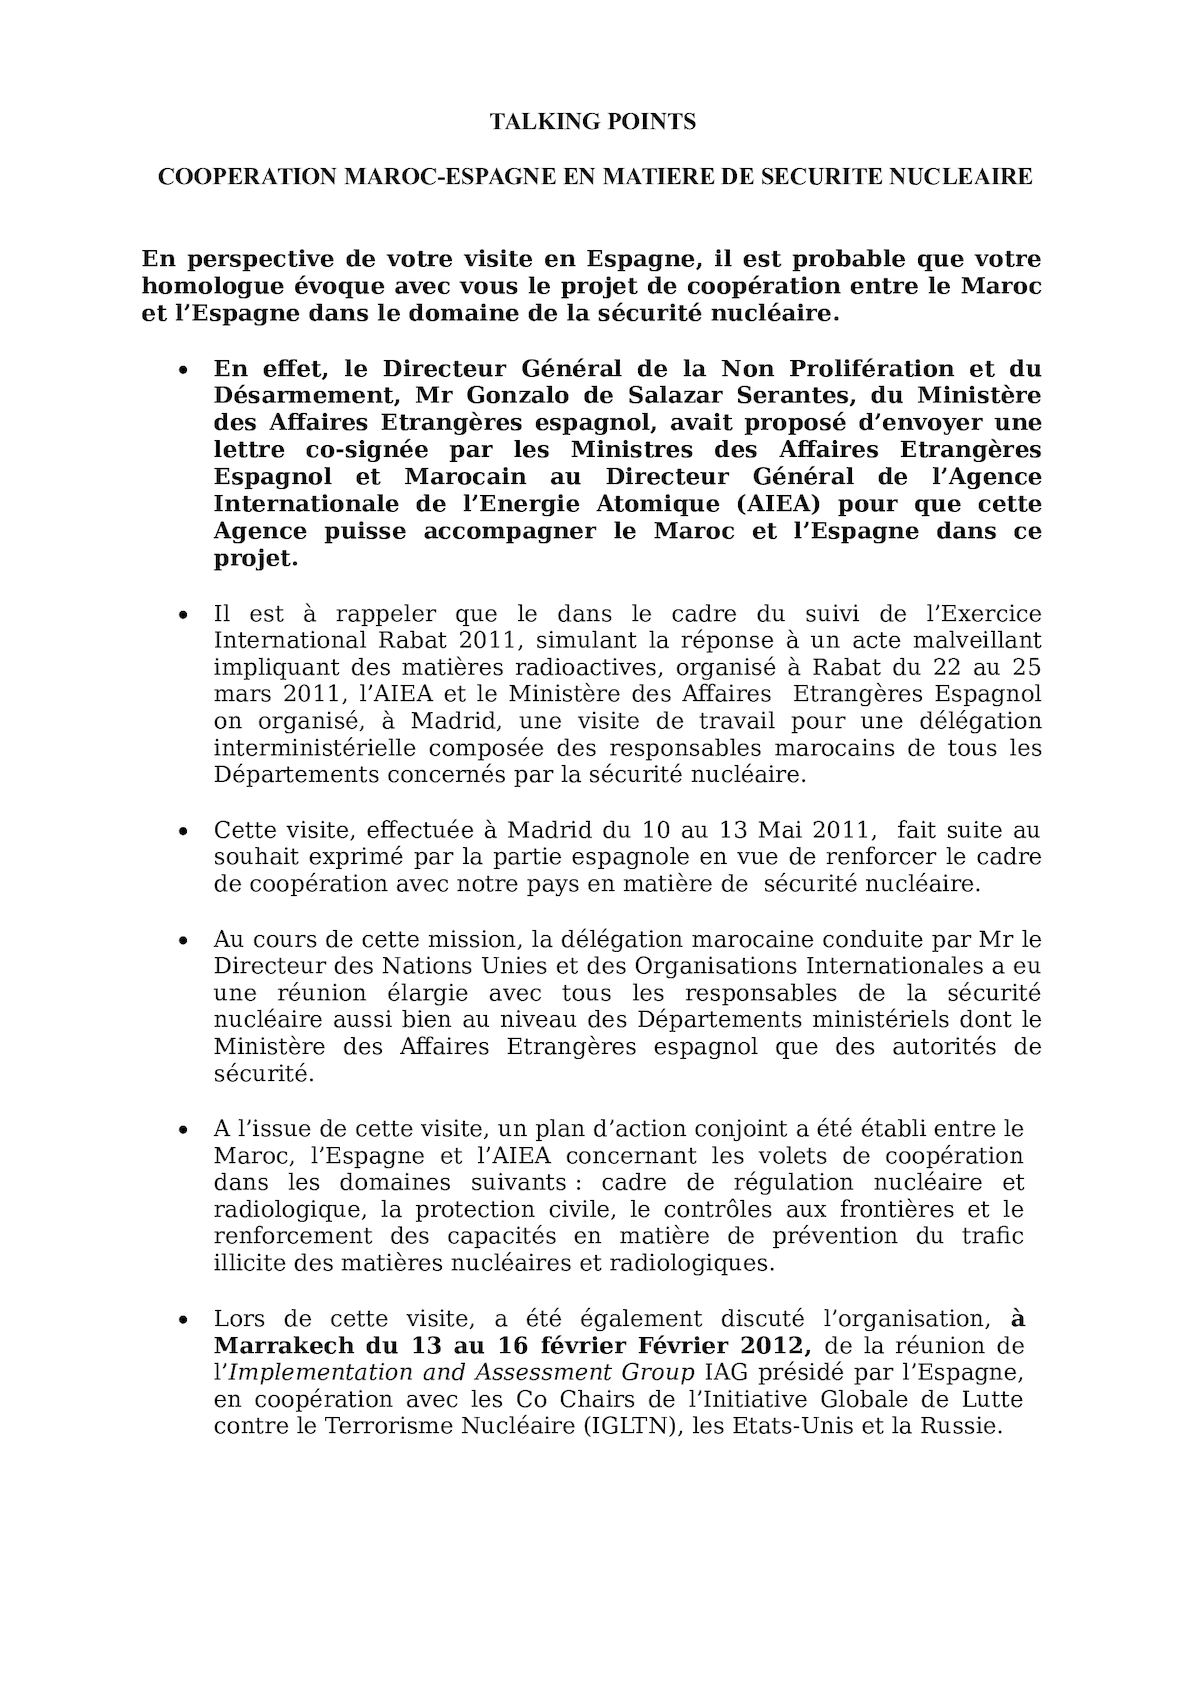 Talking Points Ministre Délégué Visite Espagne